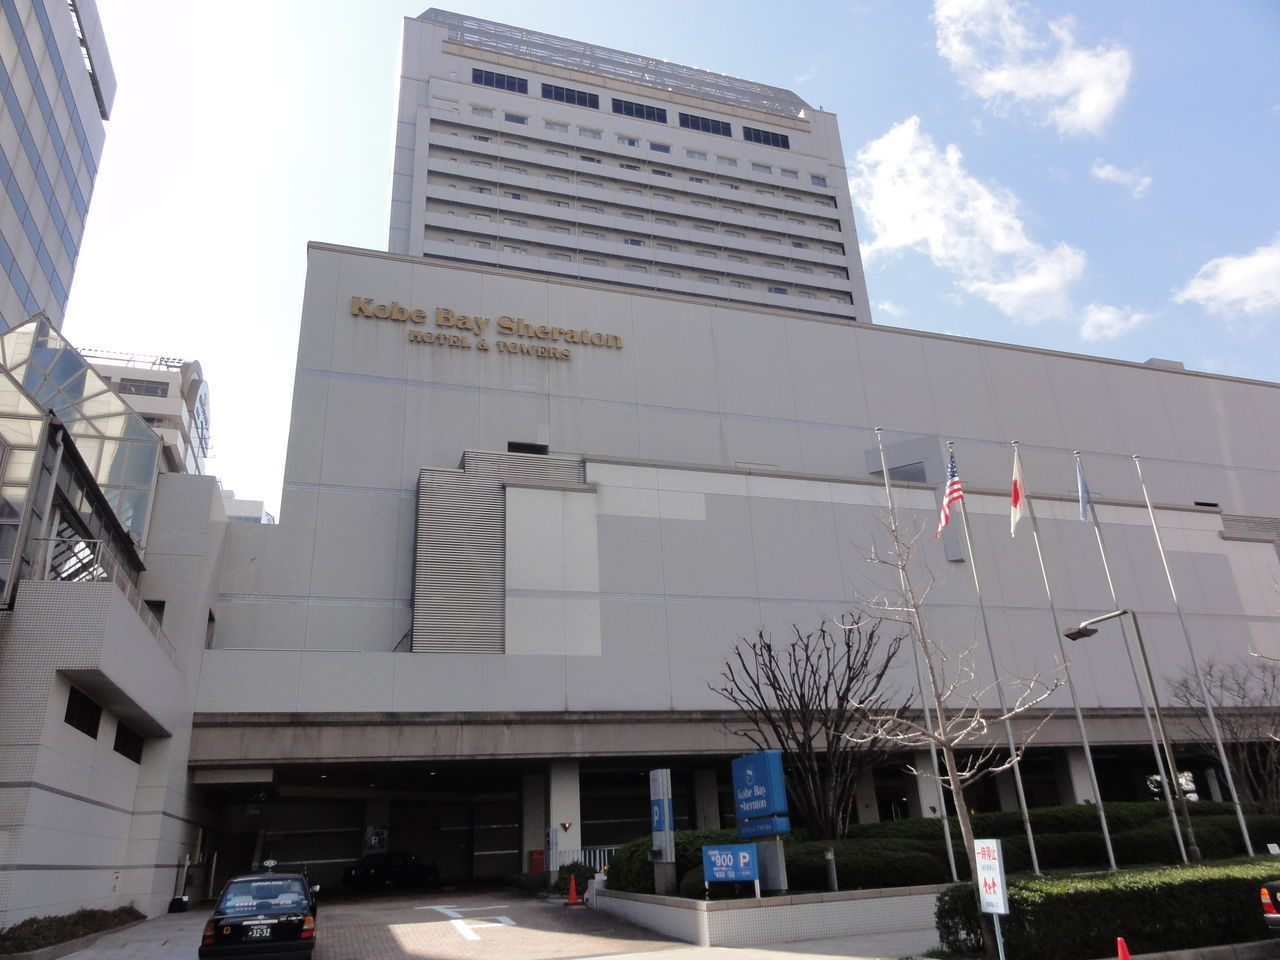 神戸 ベイ シェラトン ホテル